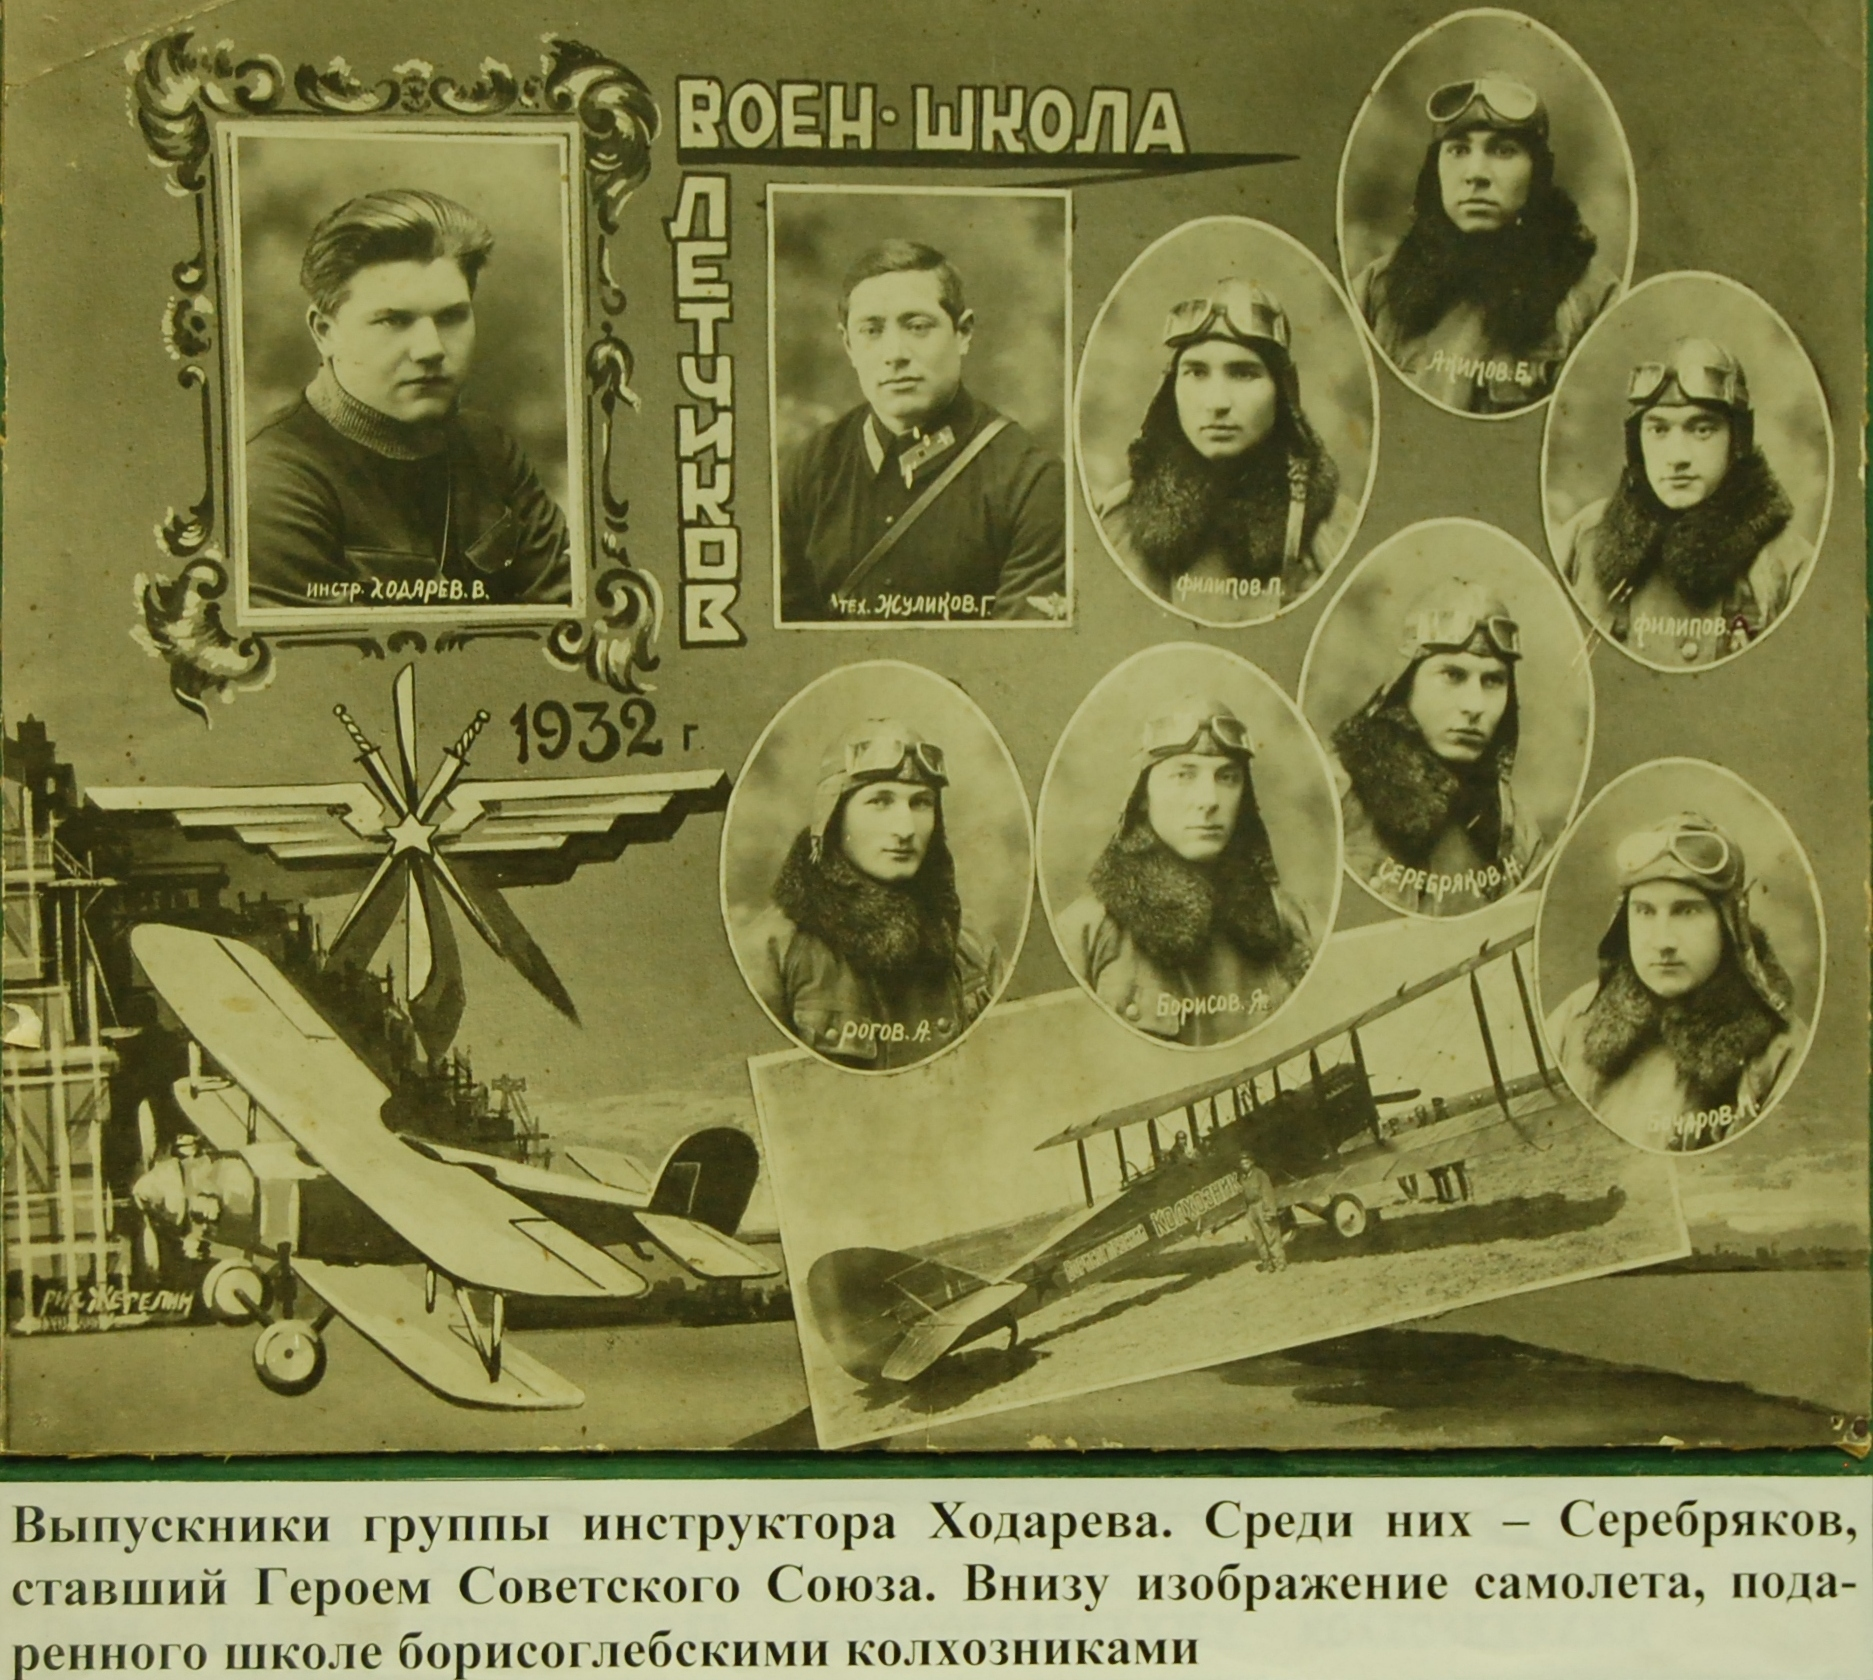 1932. Группа инструктора Ходарева